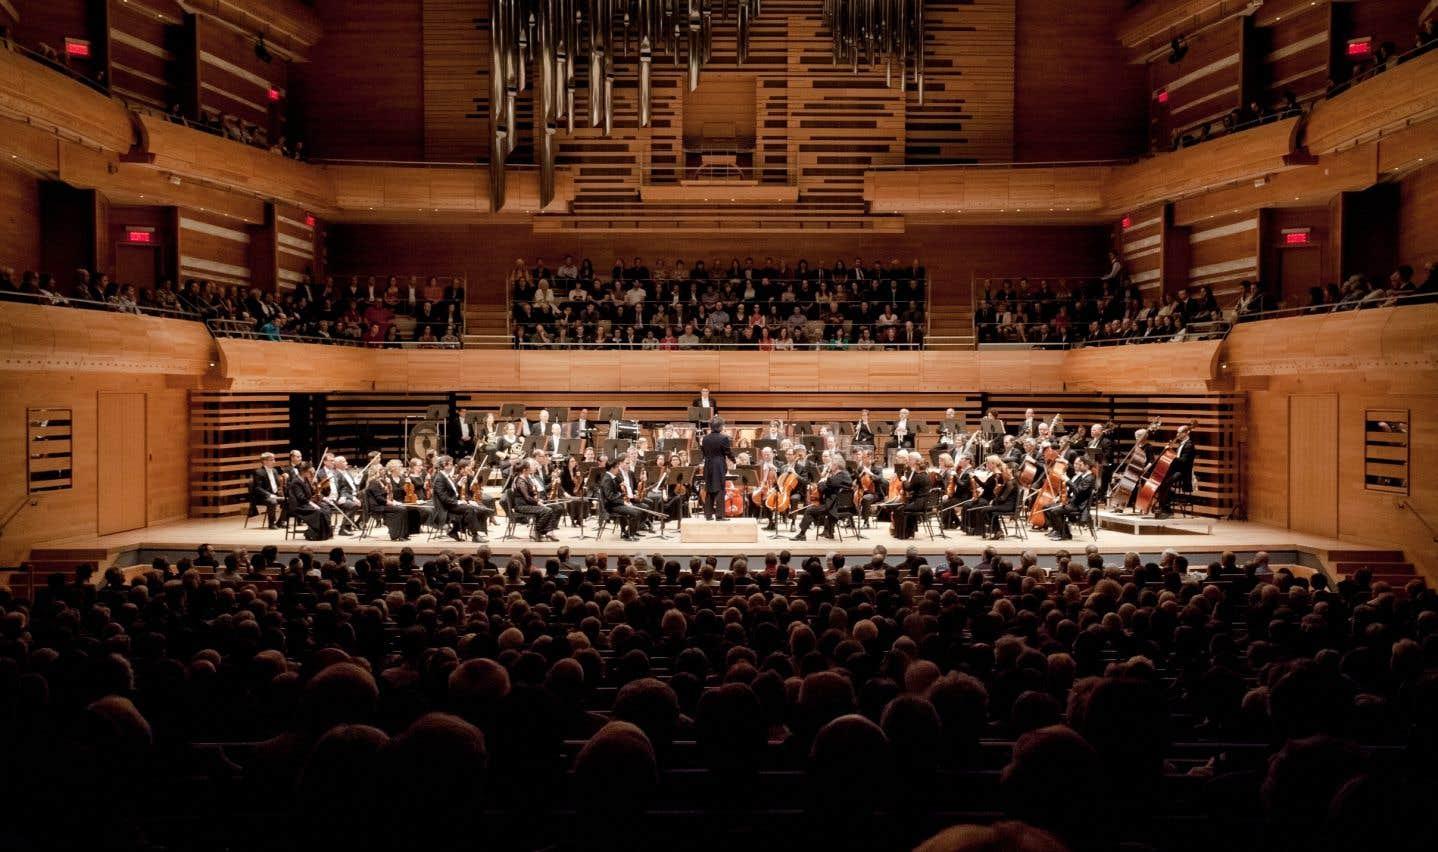 Au cours de leurs 40 tournées et sorties depuis plus de 50 ans, les musiciens de l'OSM ont toujours été fiers de représenter Montréal ainsi que tout le Québec et le Canada, tant au pays que sur la scène internationale, souligne l'auteur.